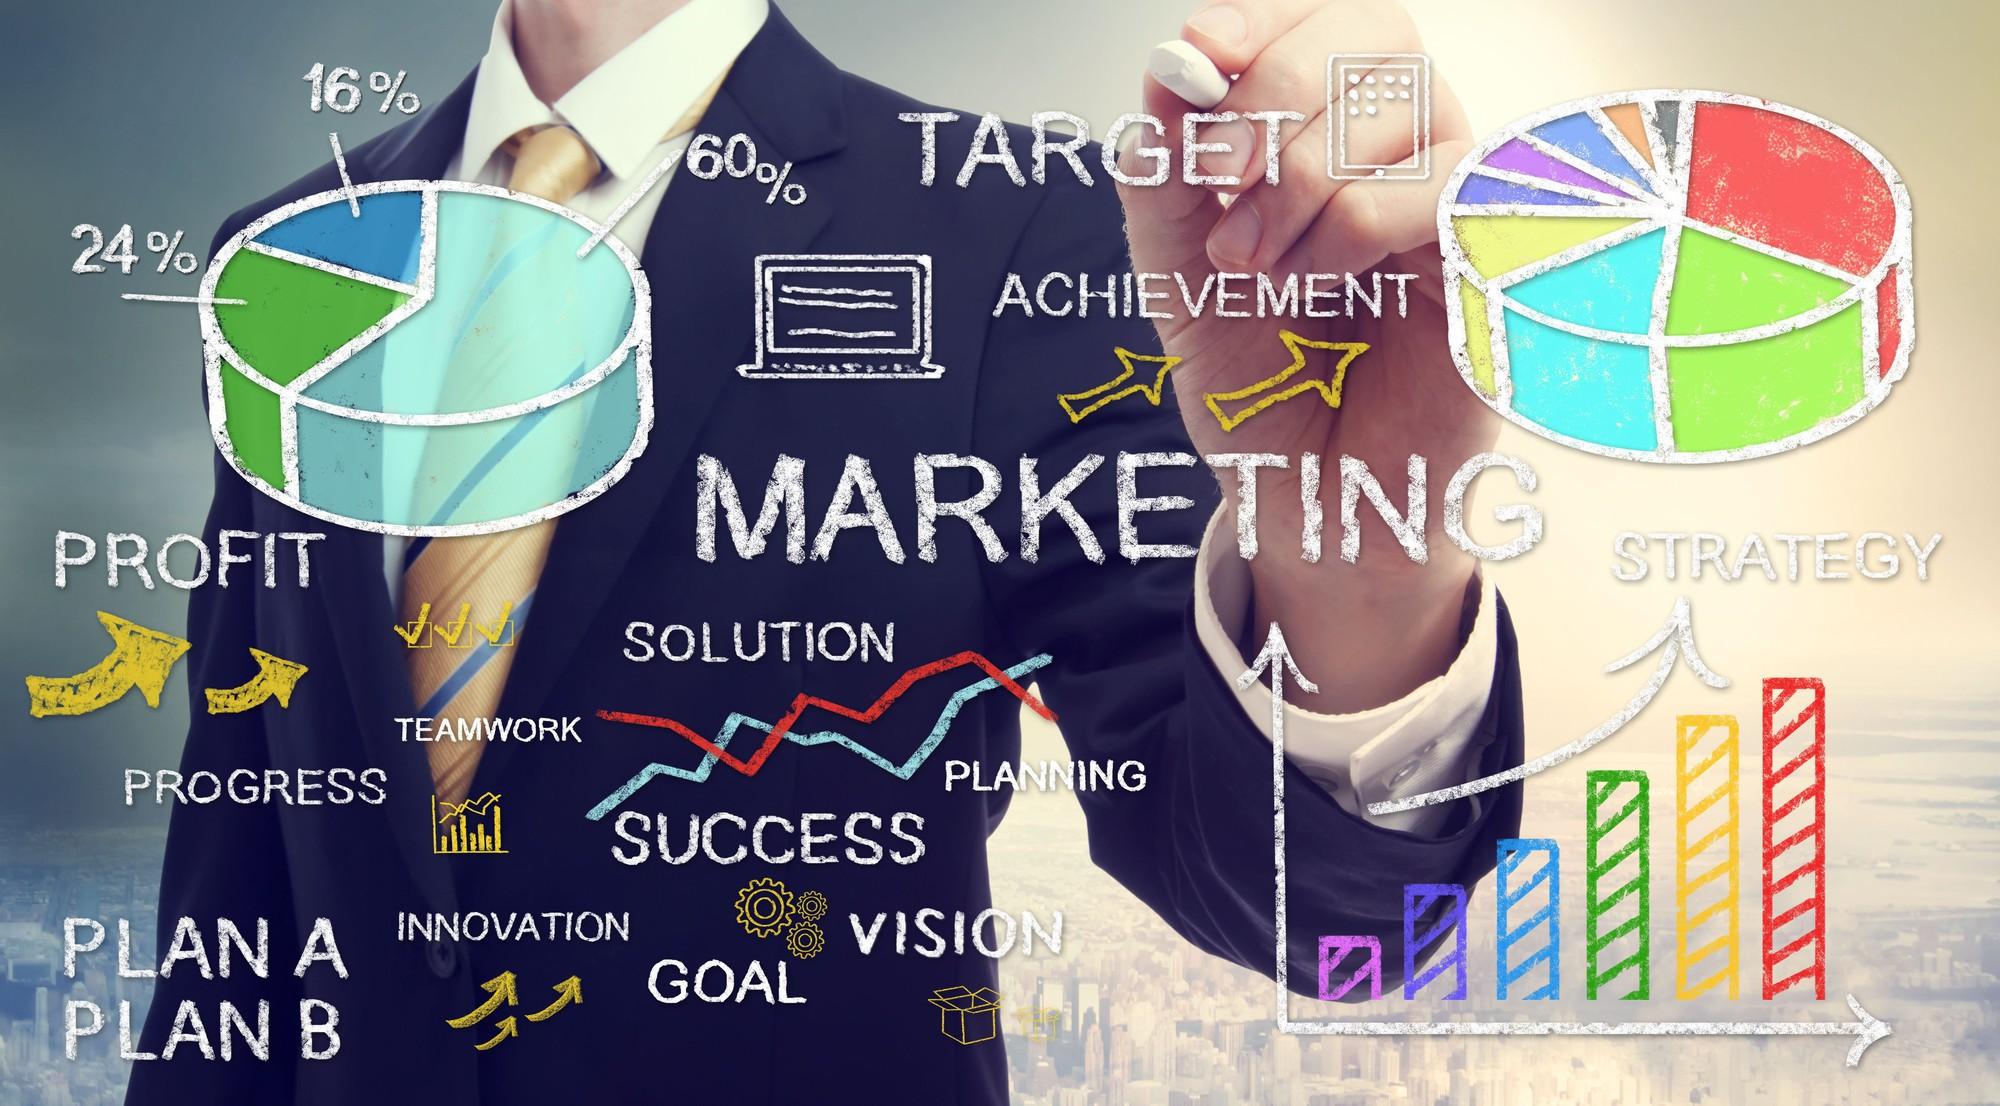 Tài sản hỗ trợ marketing bên trong (Asset Marketing Support Inside) là gì?